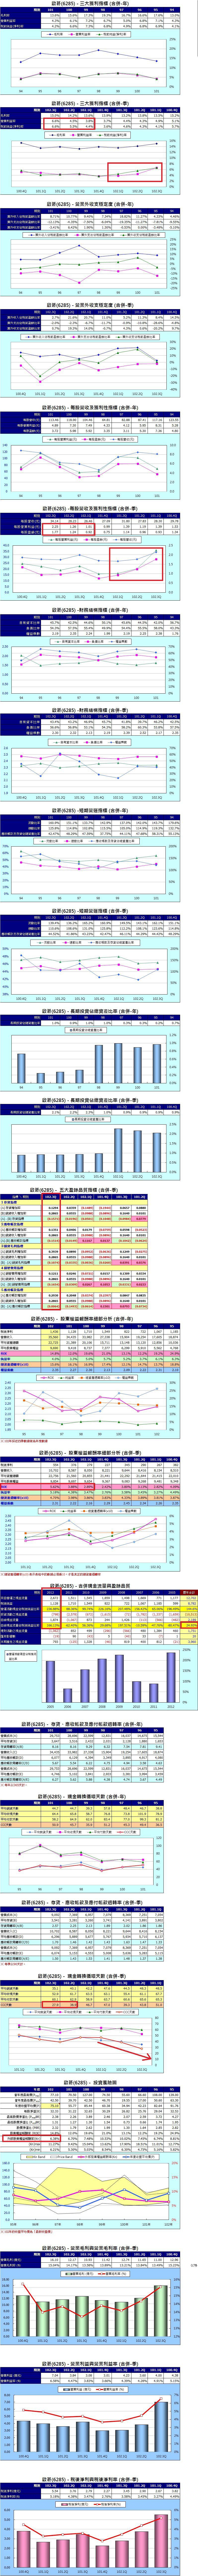 6285細部財務分析